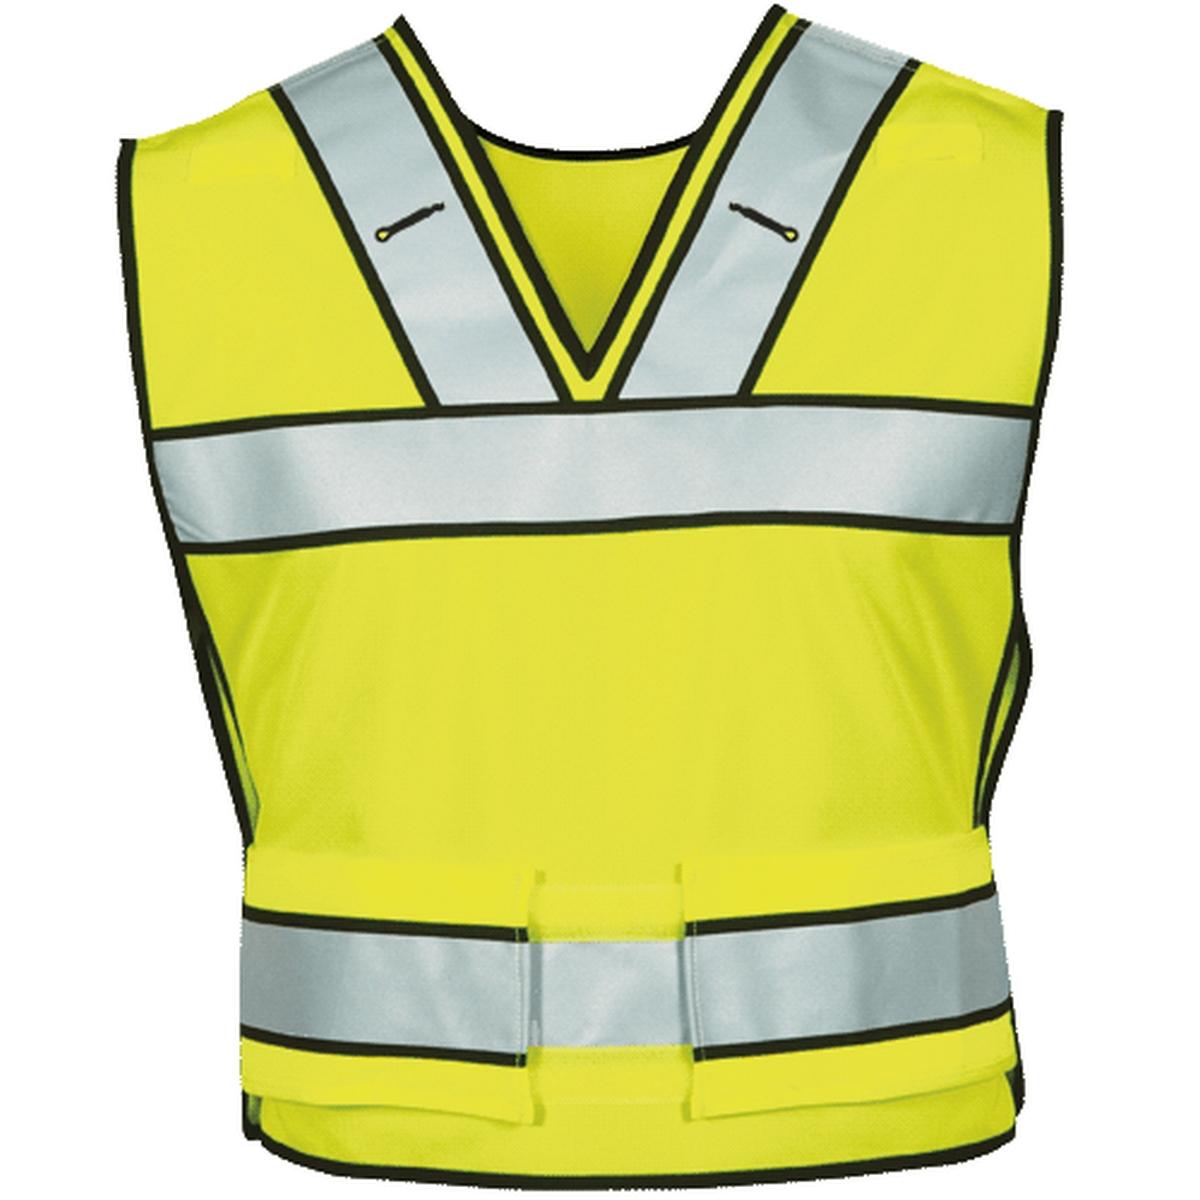 339 Breakaway Safety Vest-Blauer